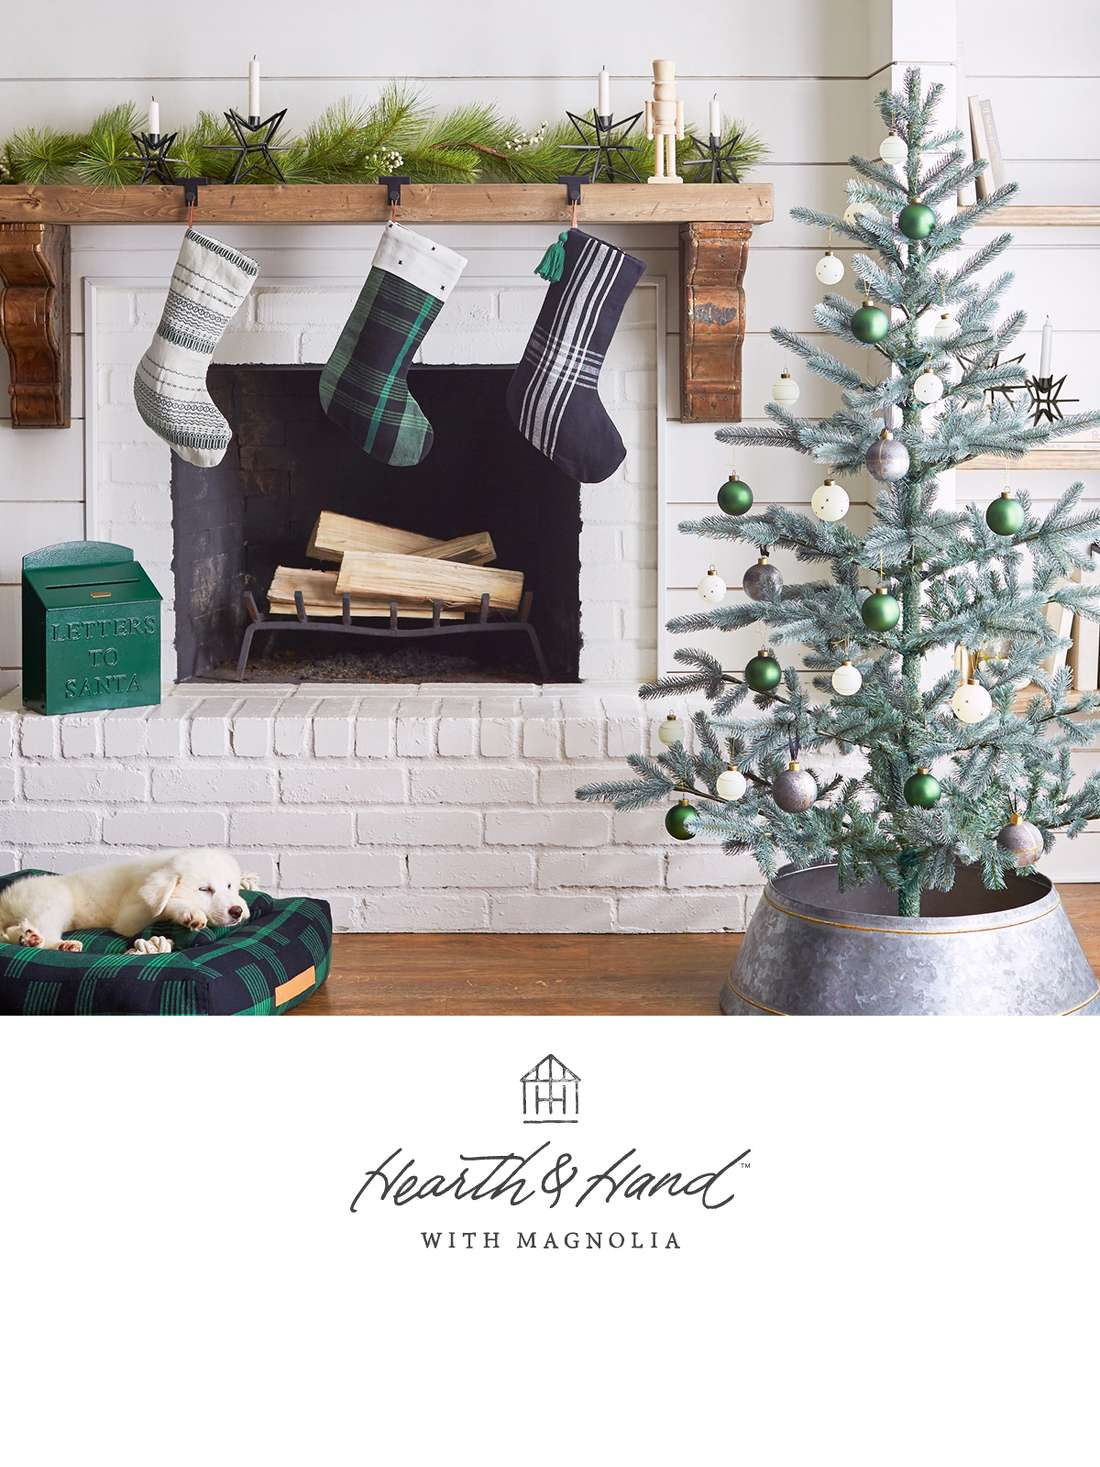 home ideas design inspiration target. Black Bedroom Furniture Sets. Home Design Ideas